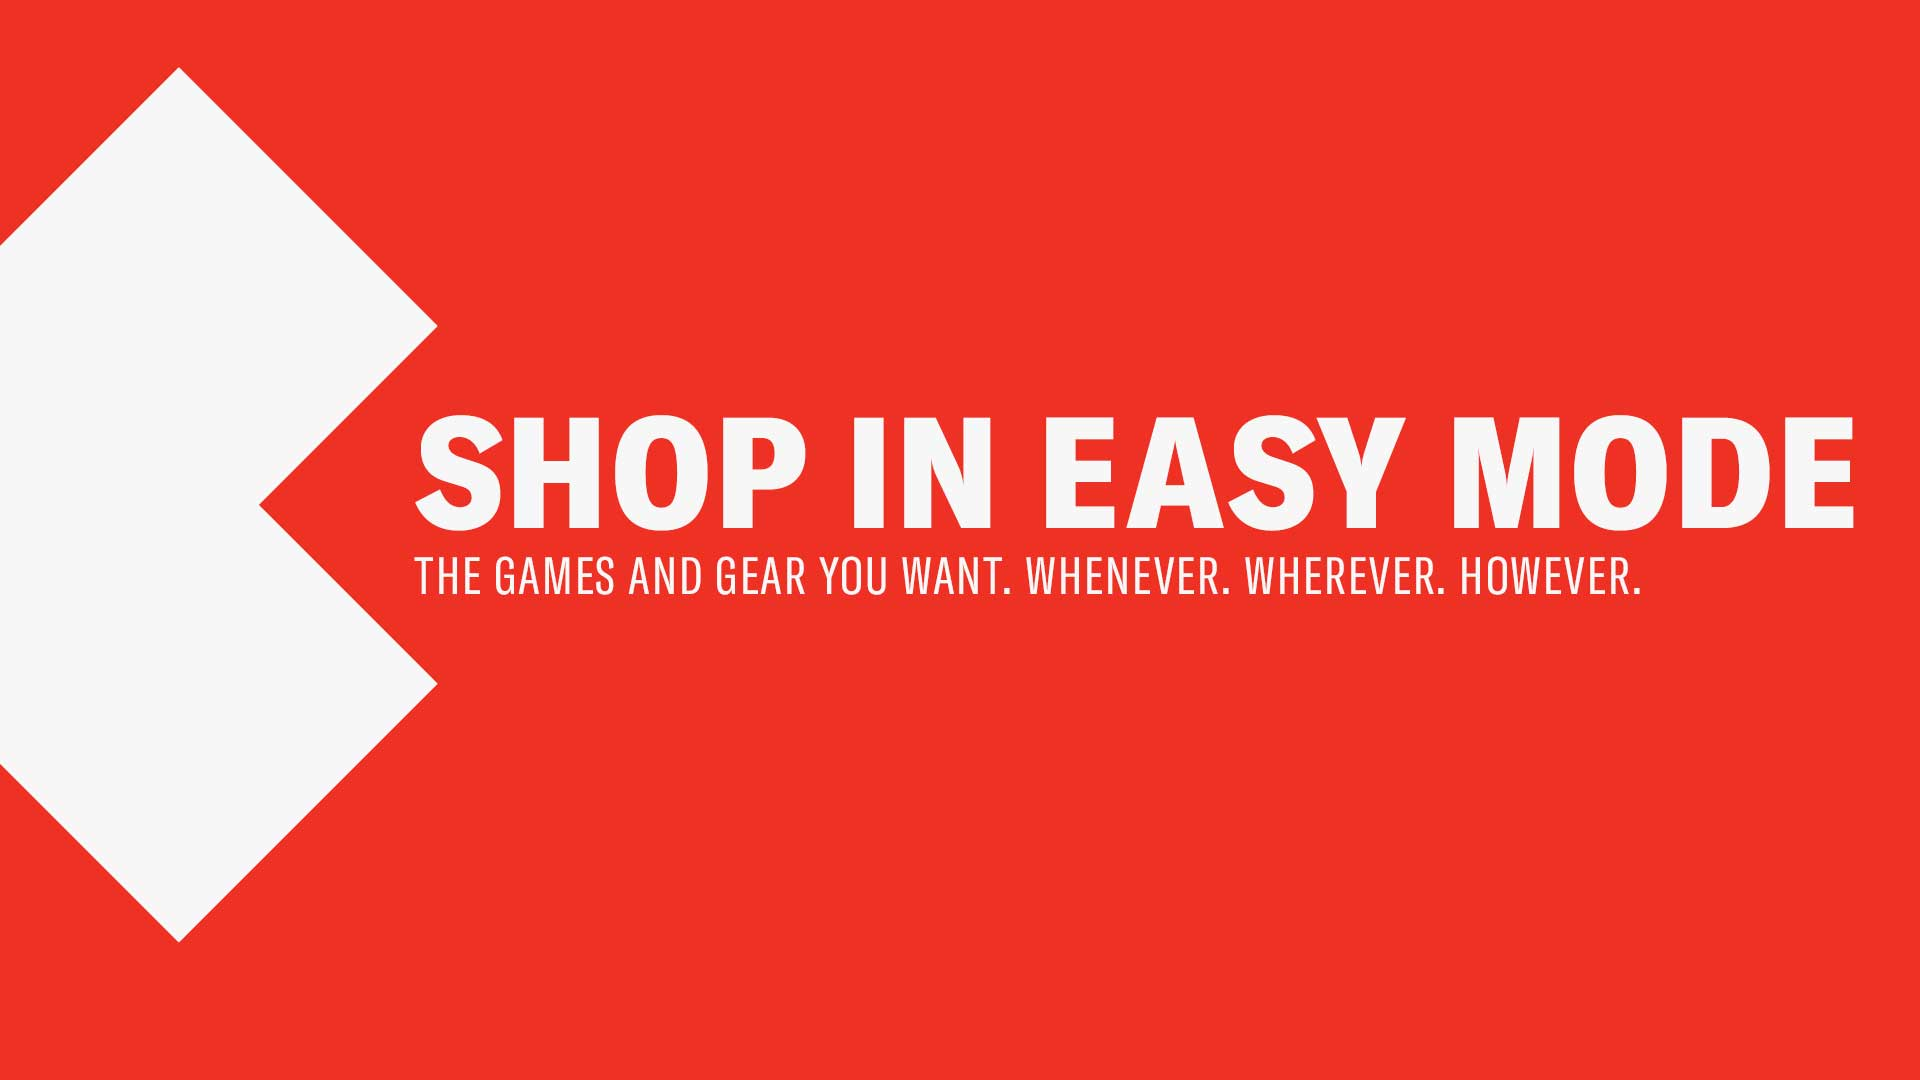 Gamestop buy online